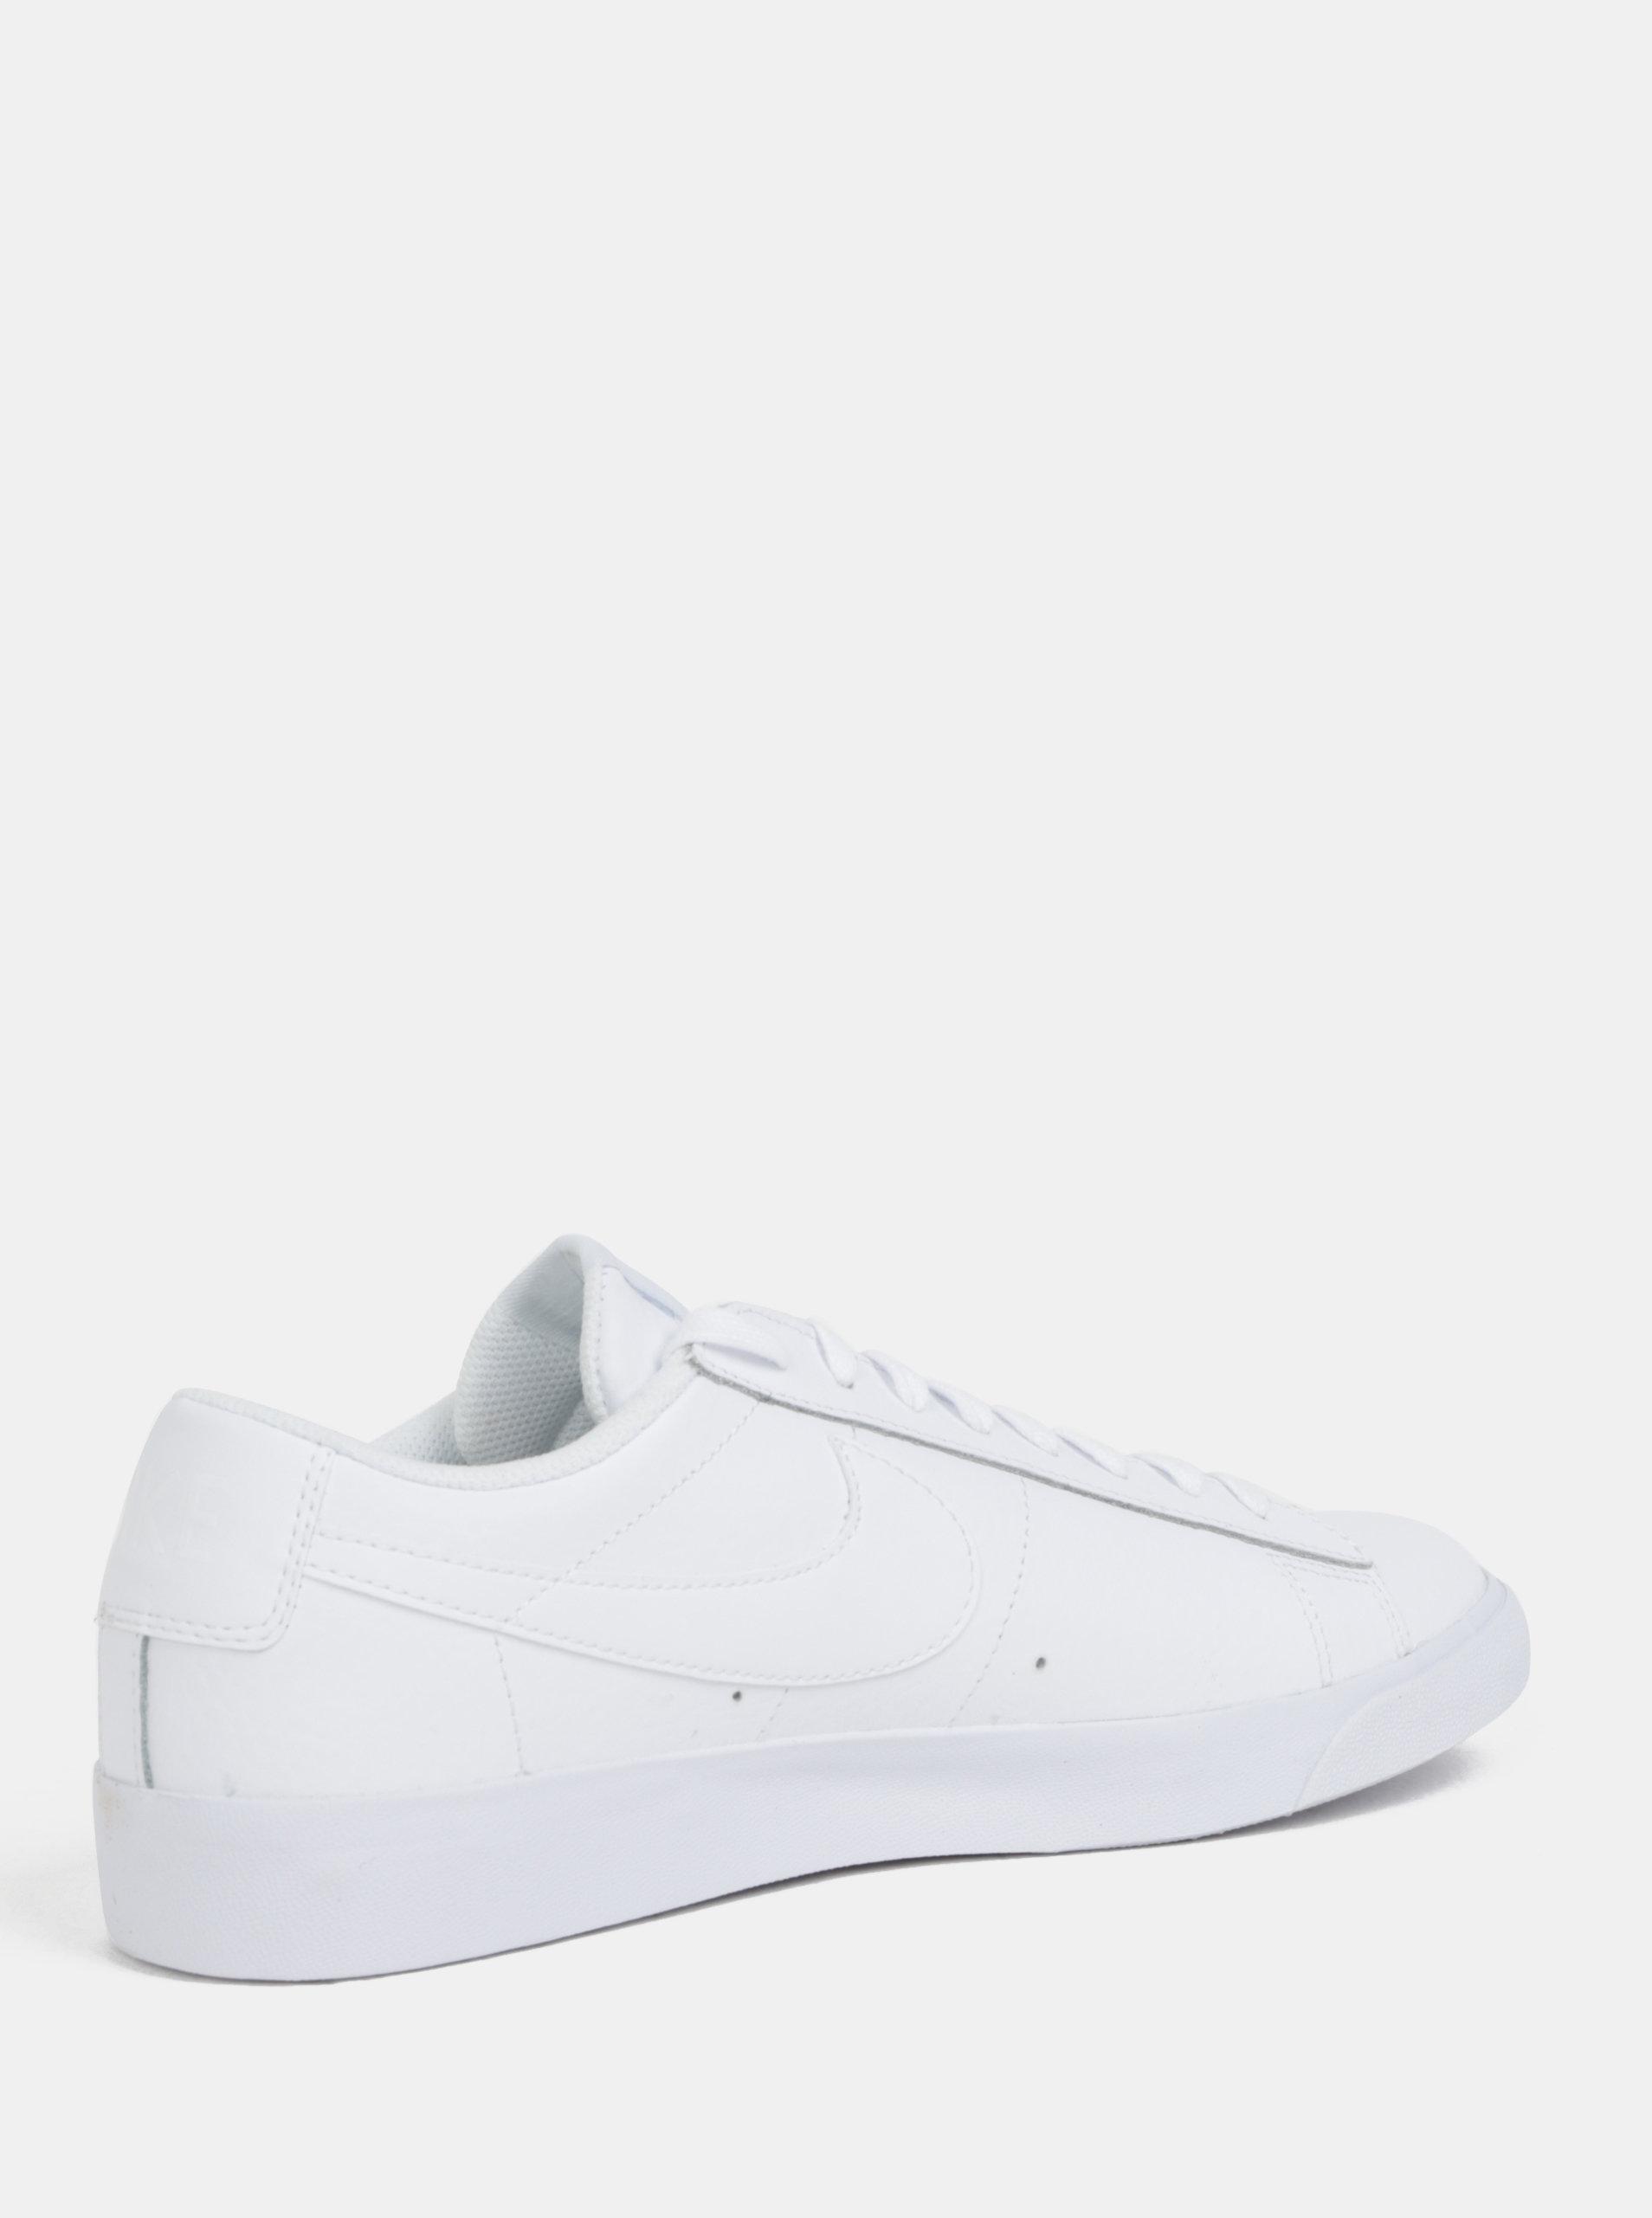 Biele pánske kožené tenisky Nike Blazer Low ... 7bdf12890d